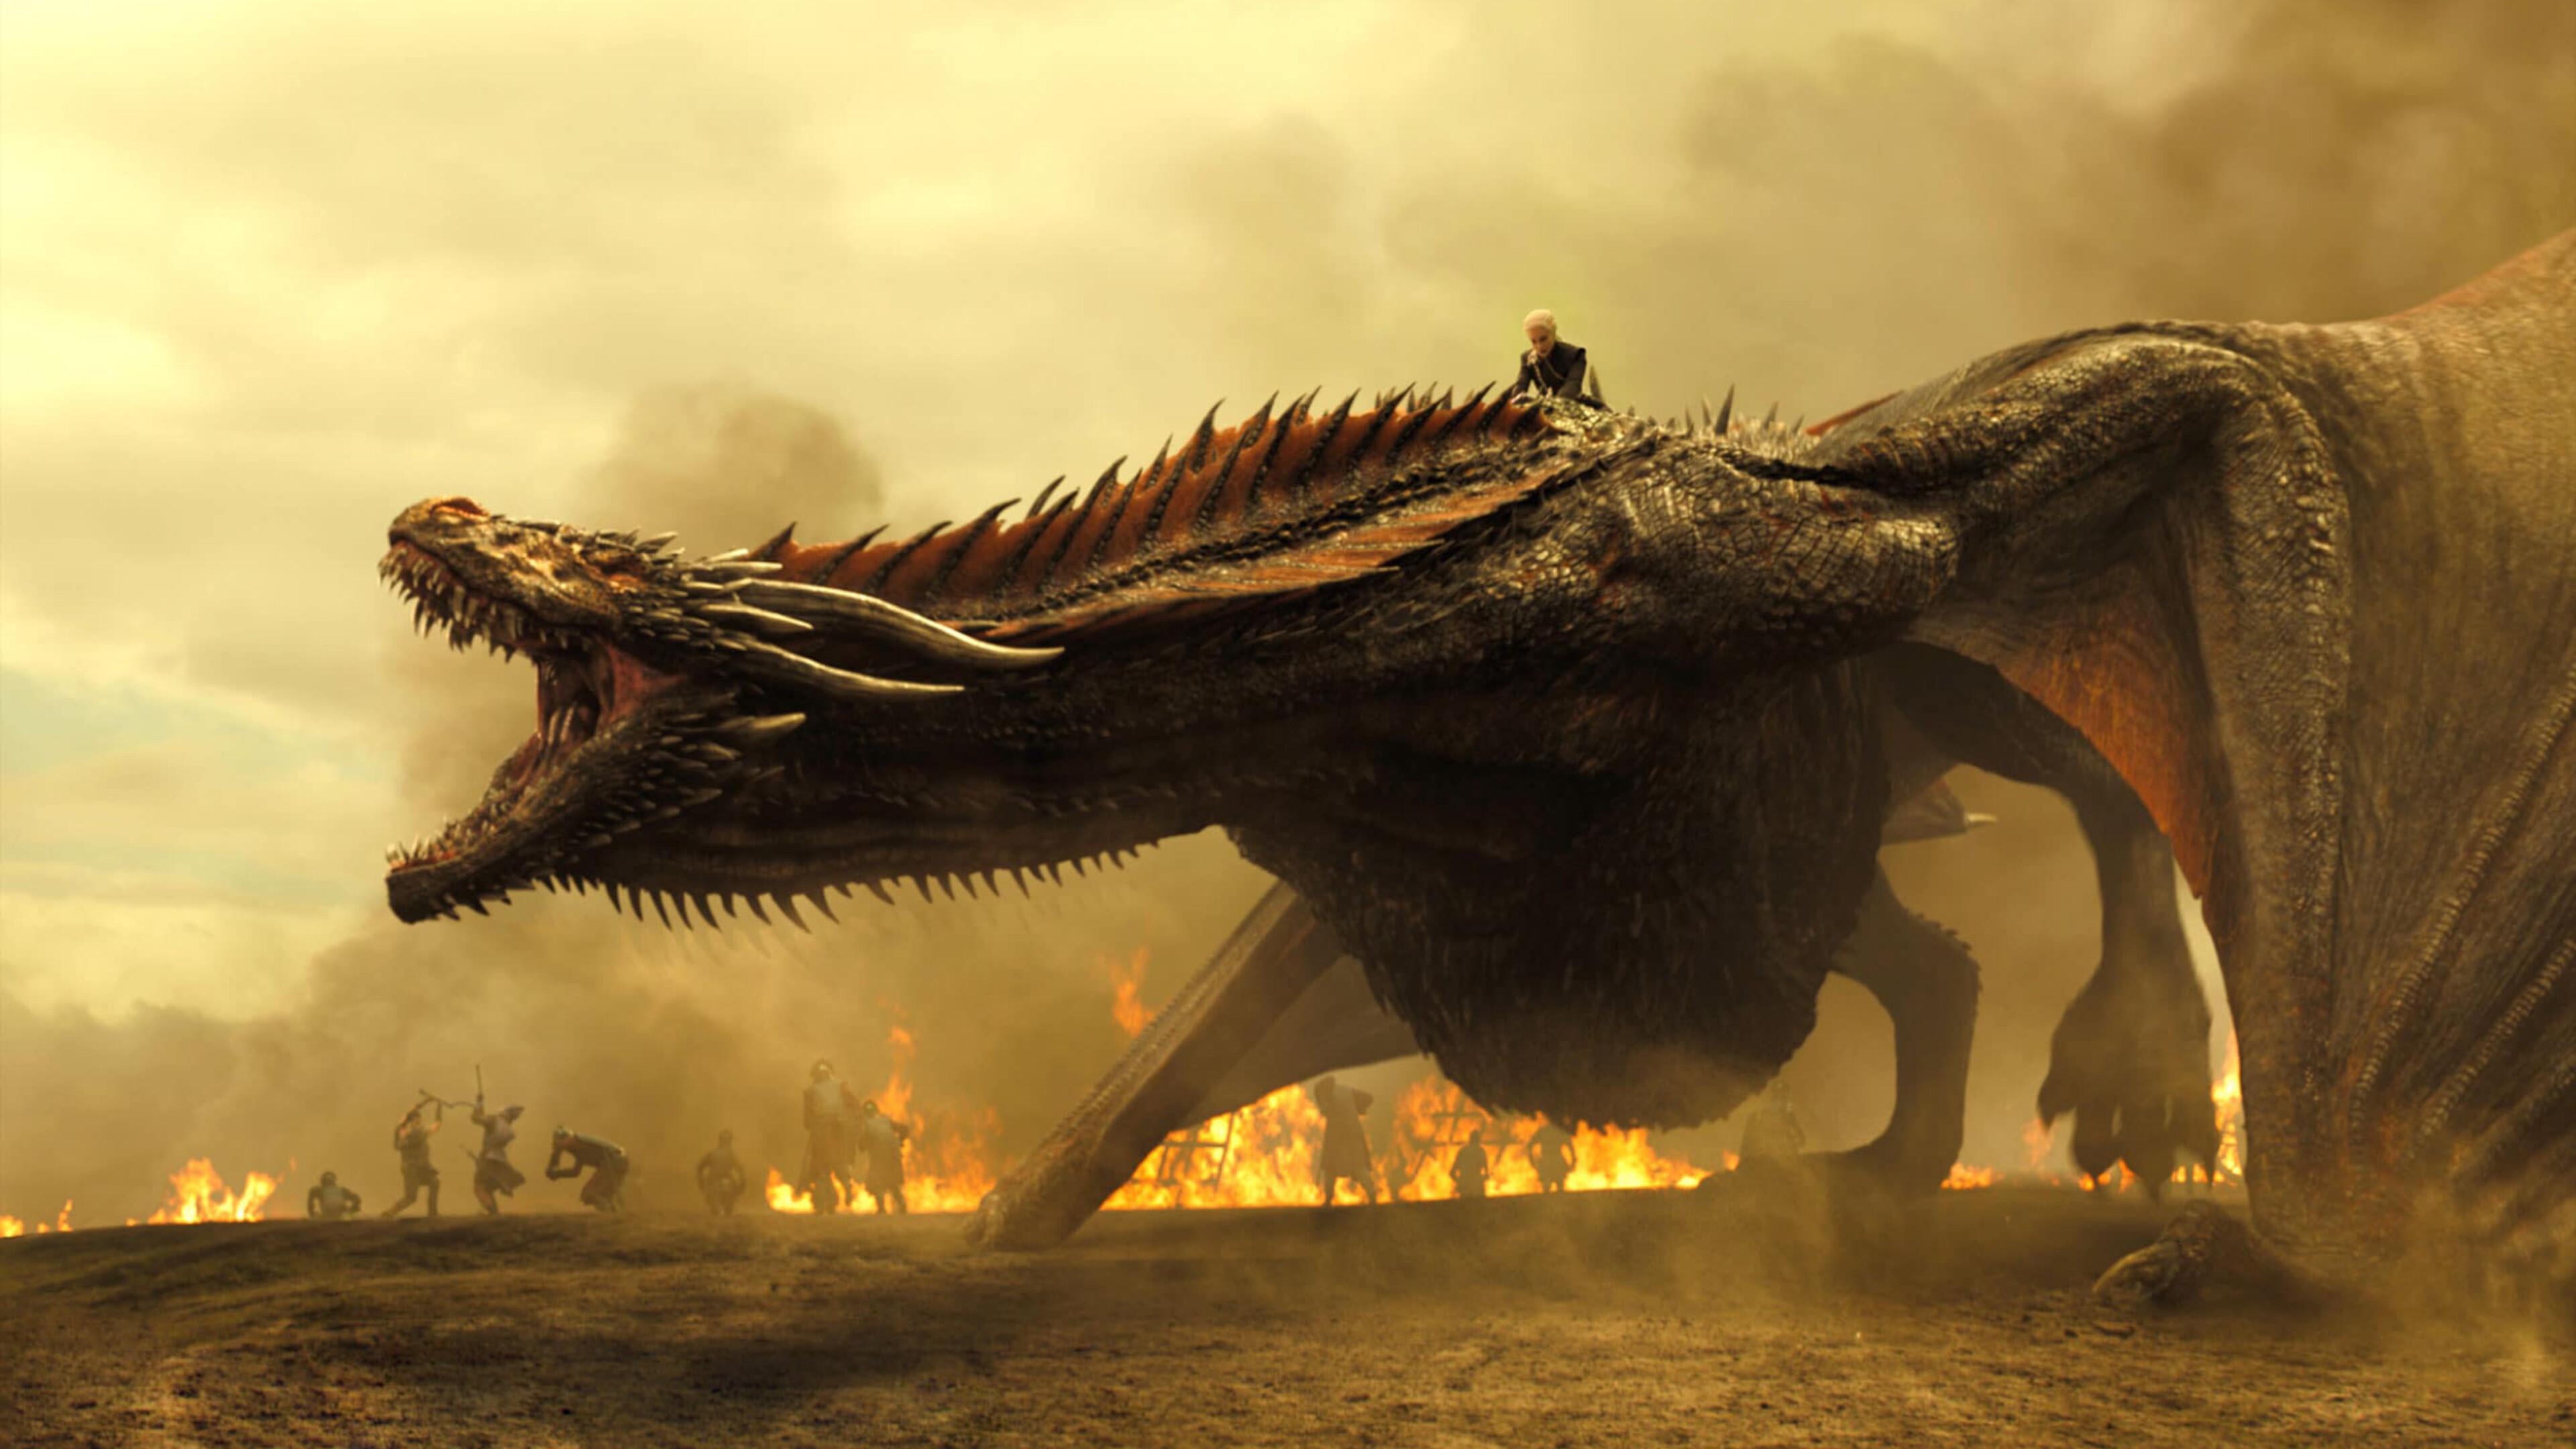 Обои для рабочего стола дракон игра престолов